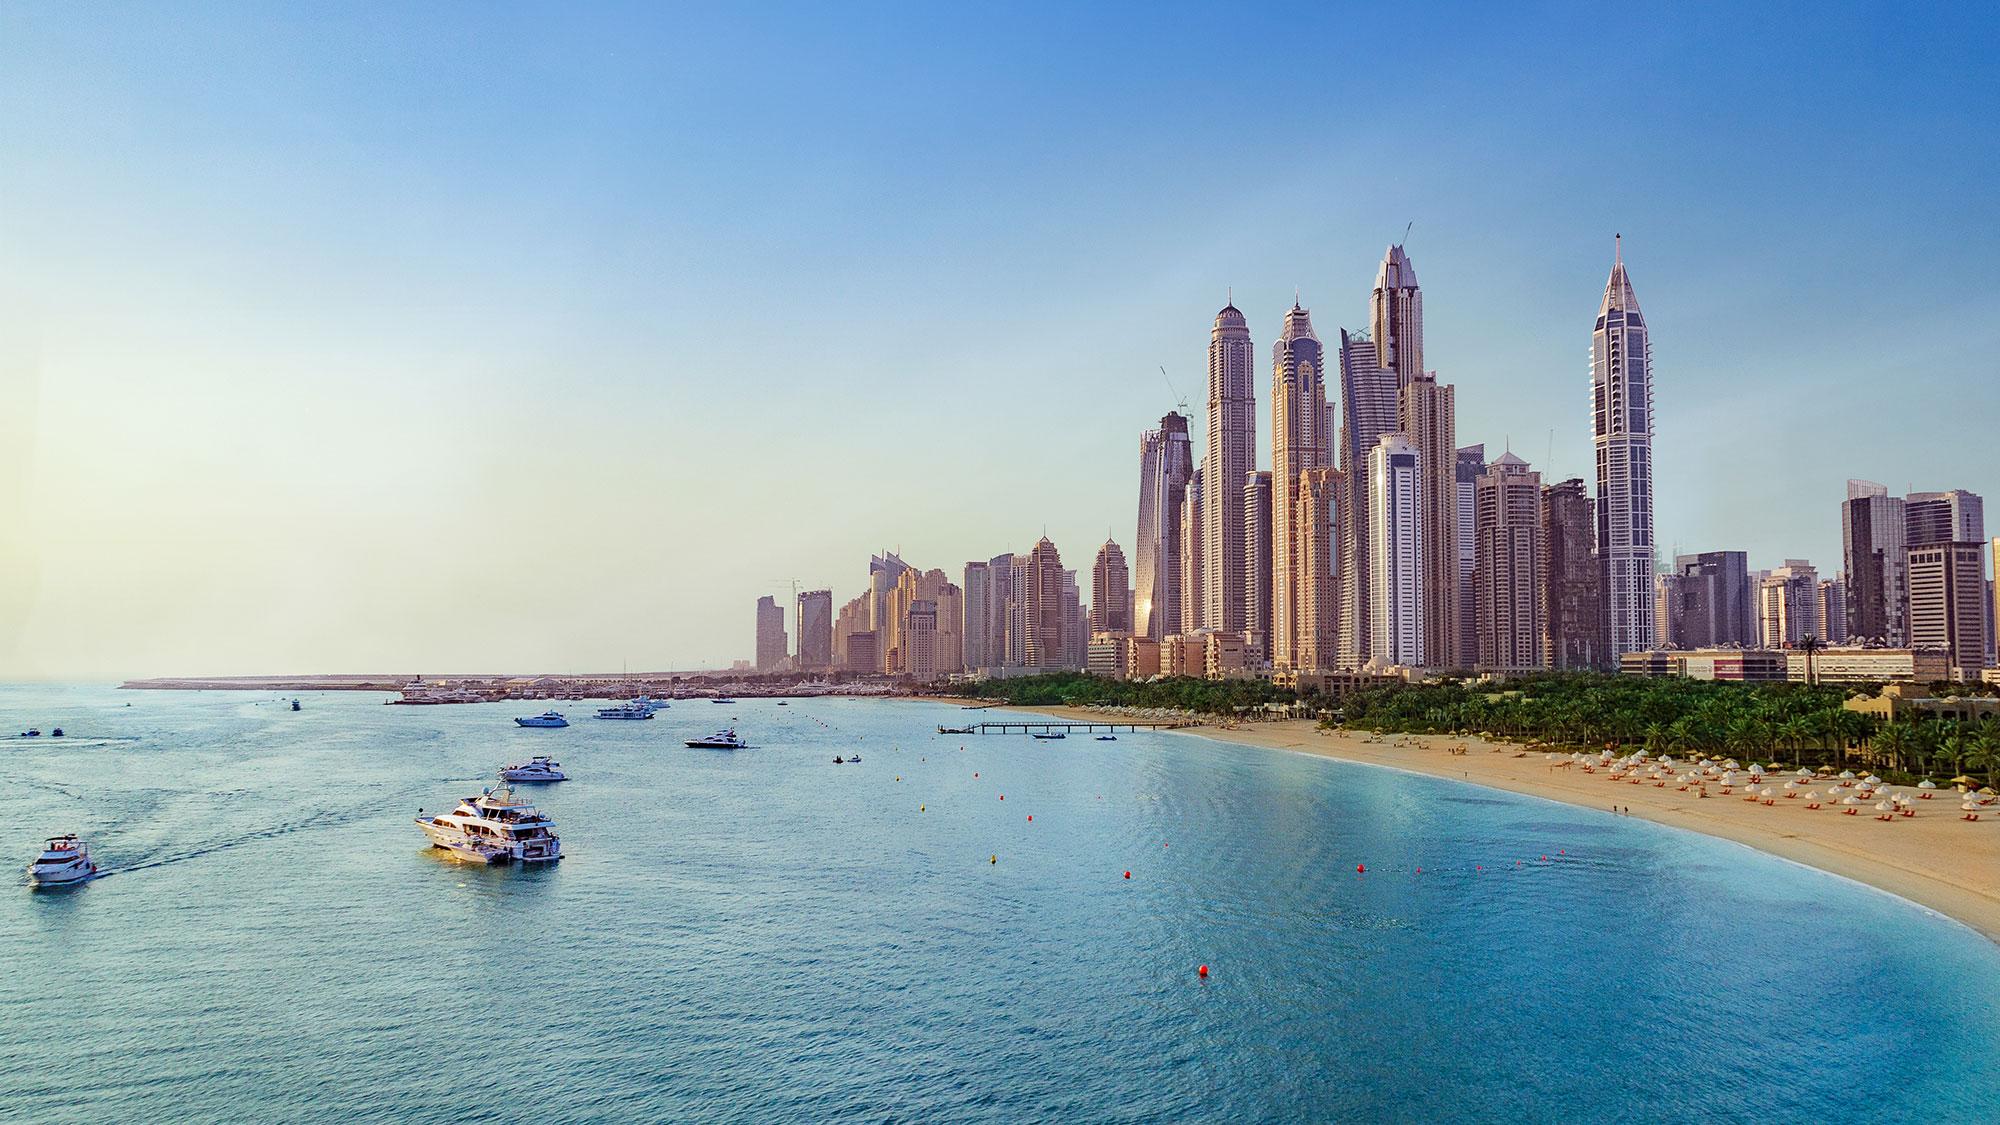 Plage et paysage à Dubai Marina